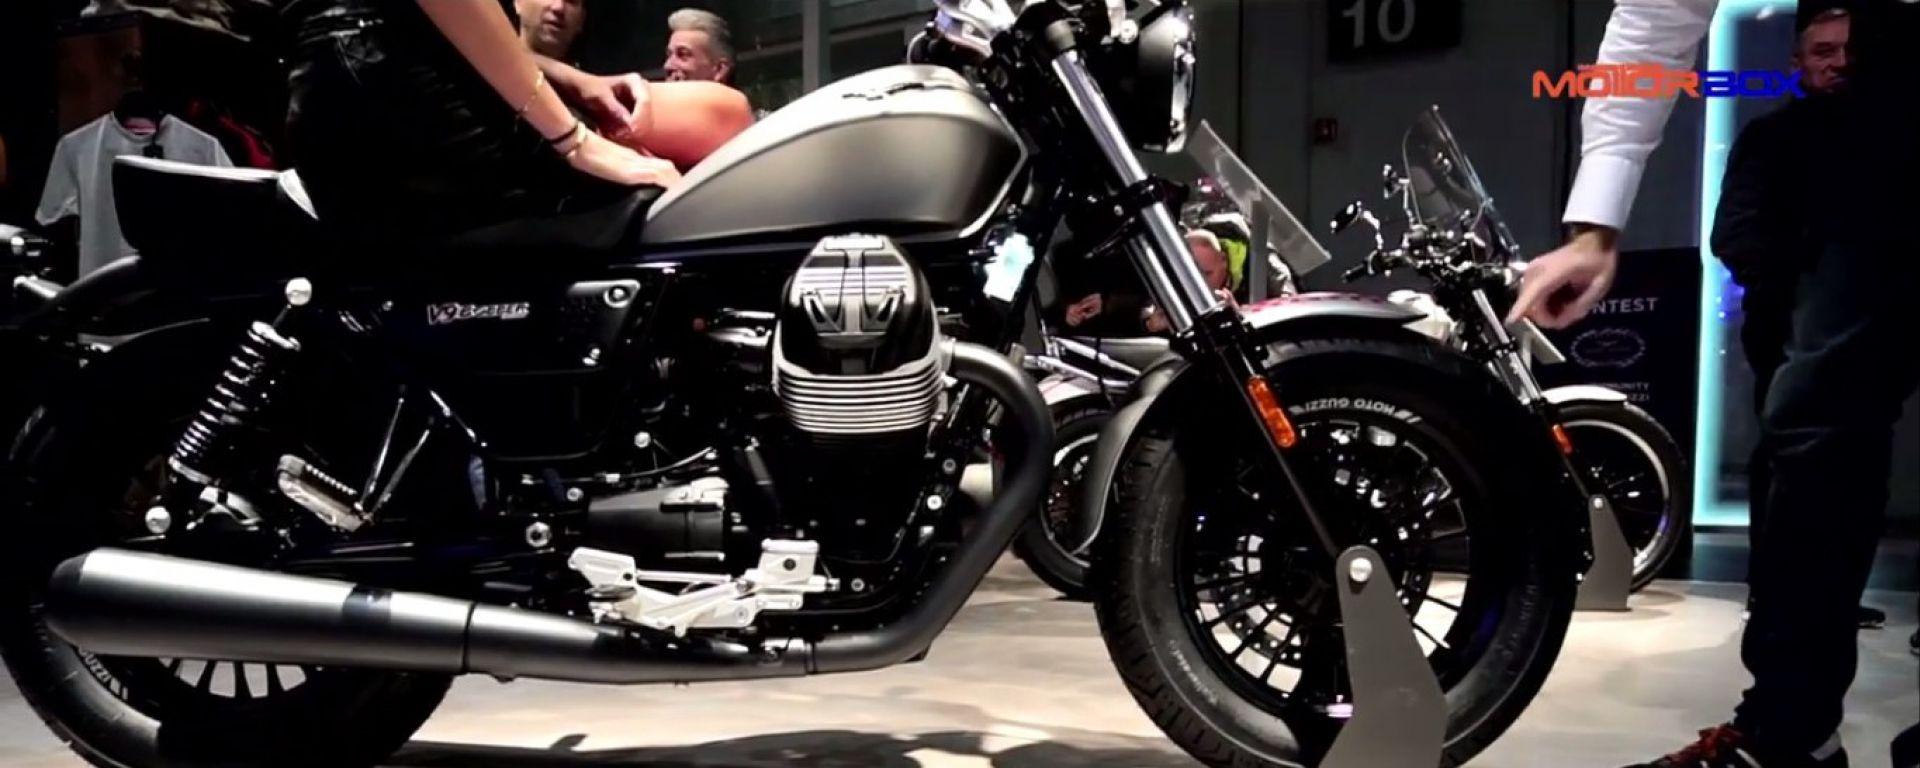 Live Eicma 2016: Moto Guzzi V9 Bobber e V9 Romer in video